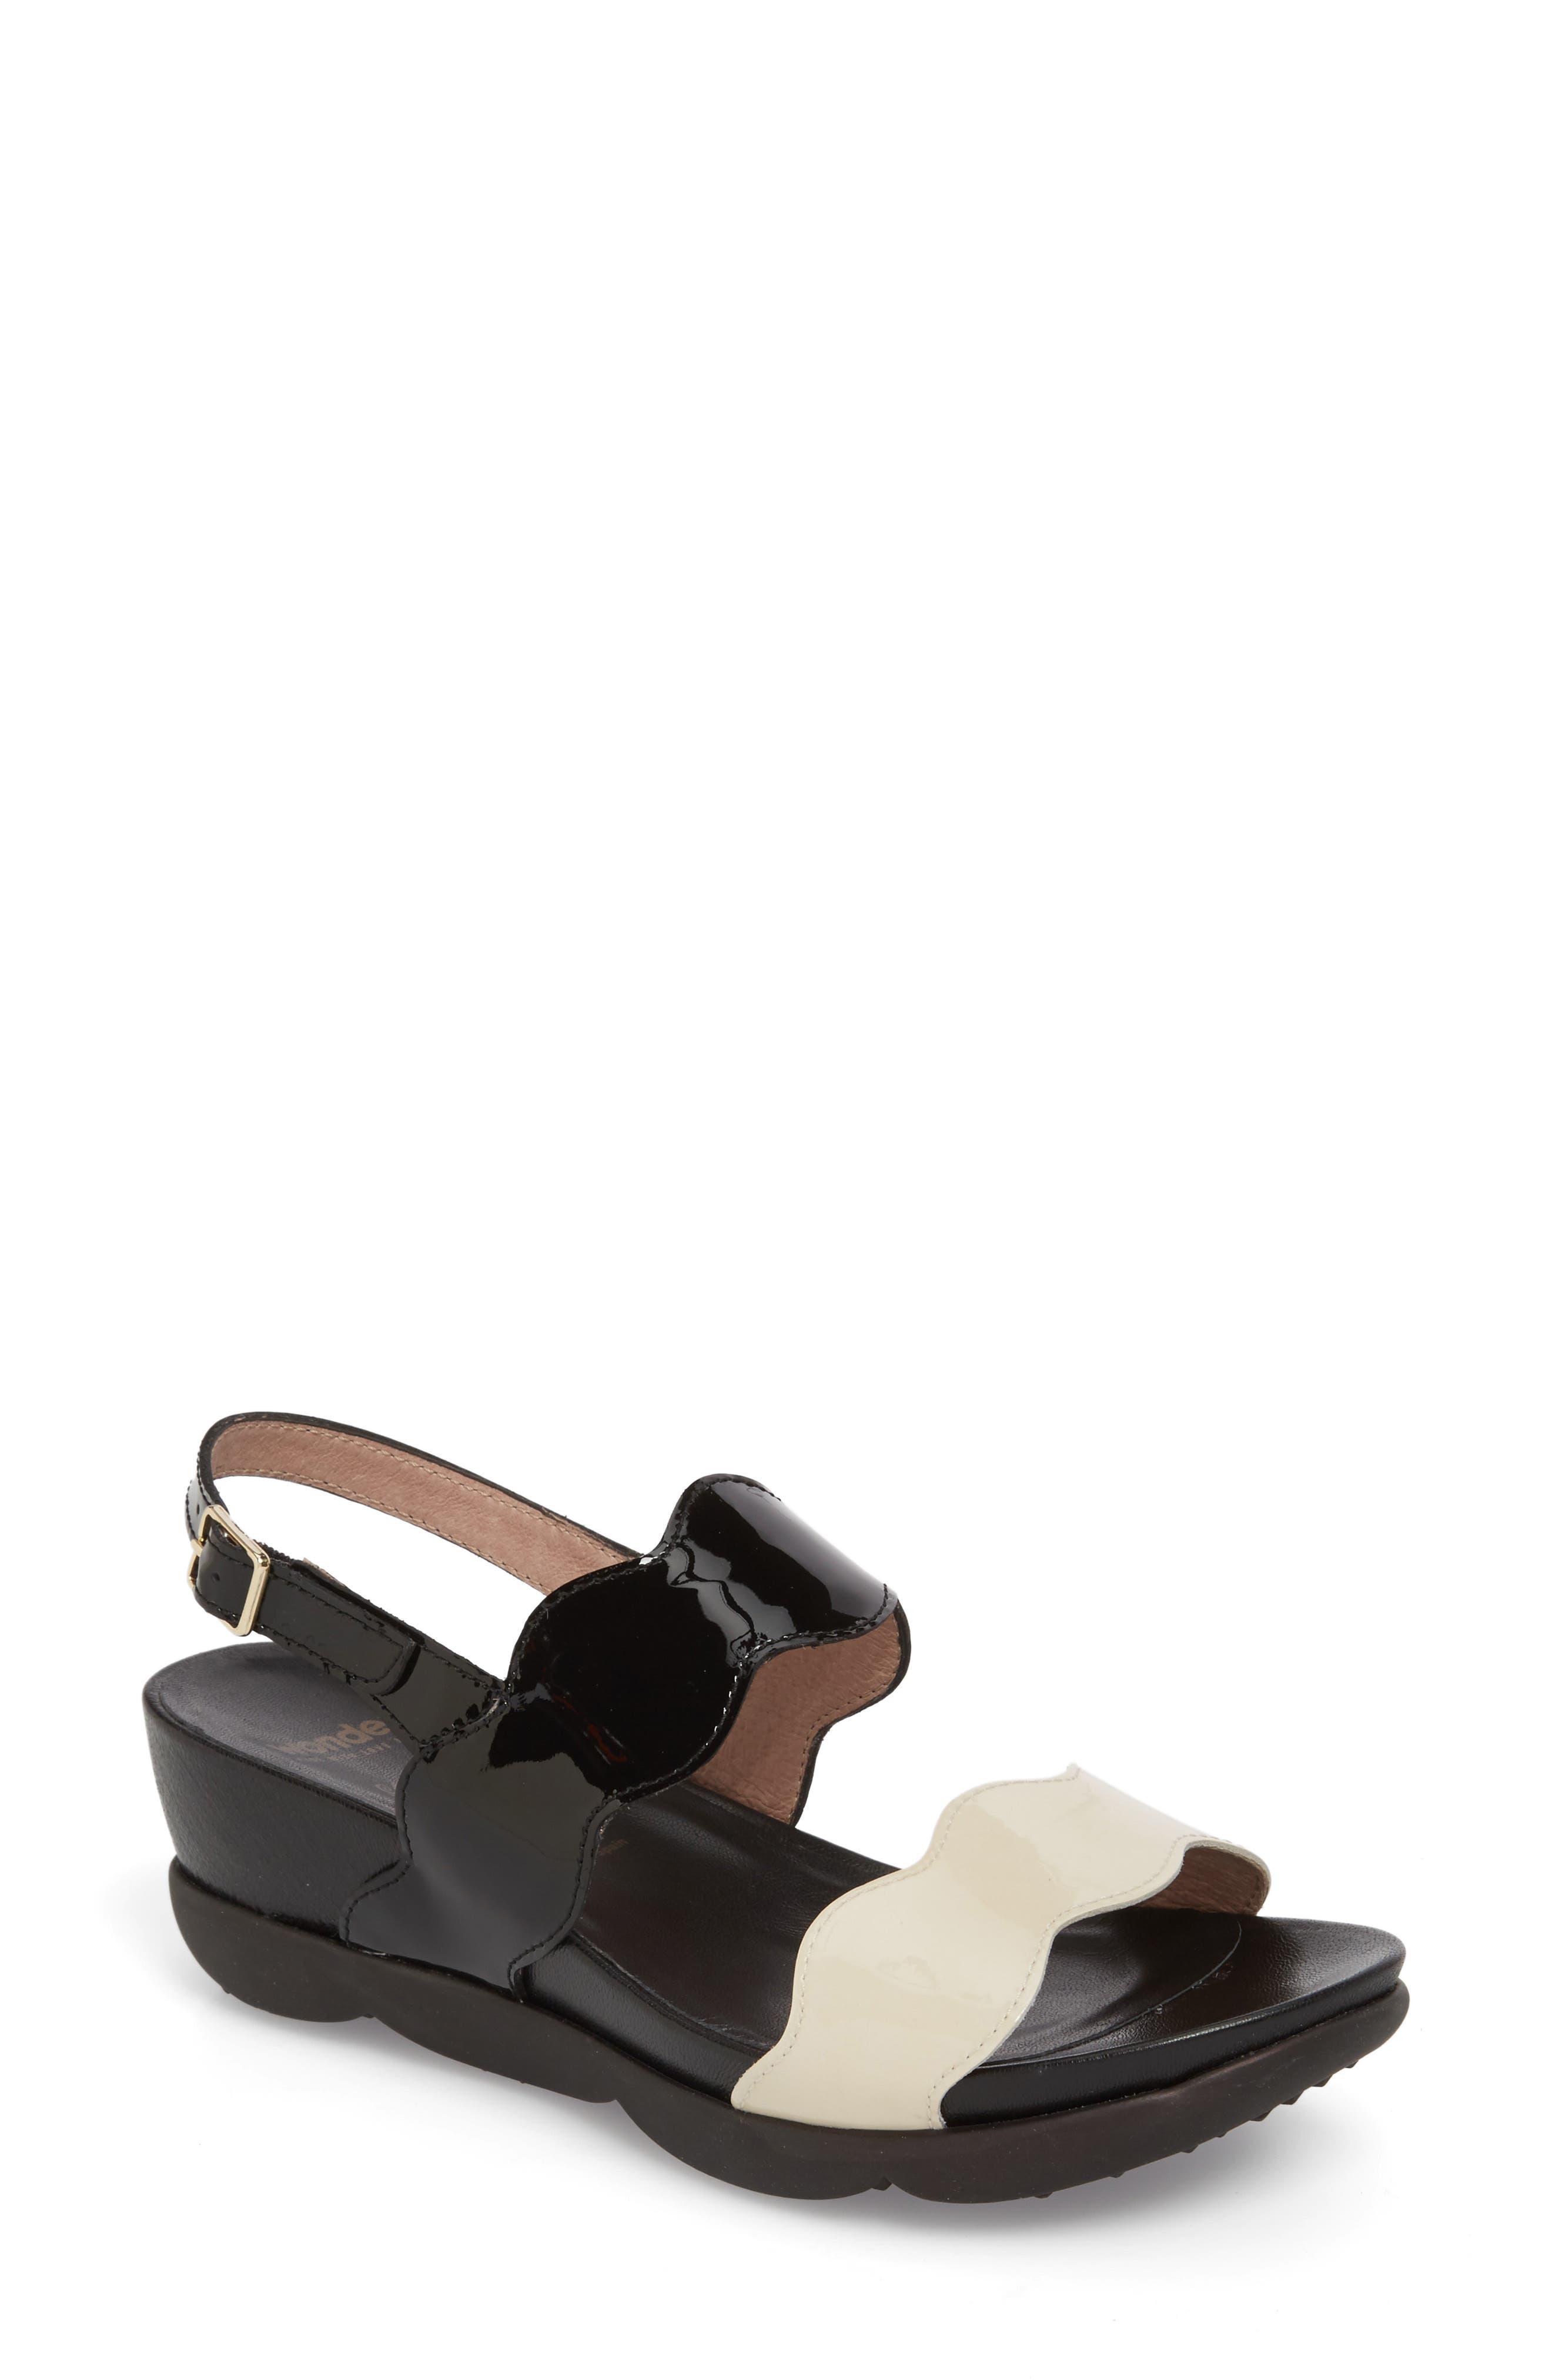 Wonders Wedge Sandal - Black